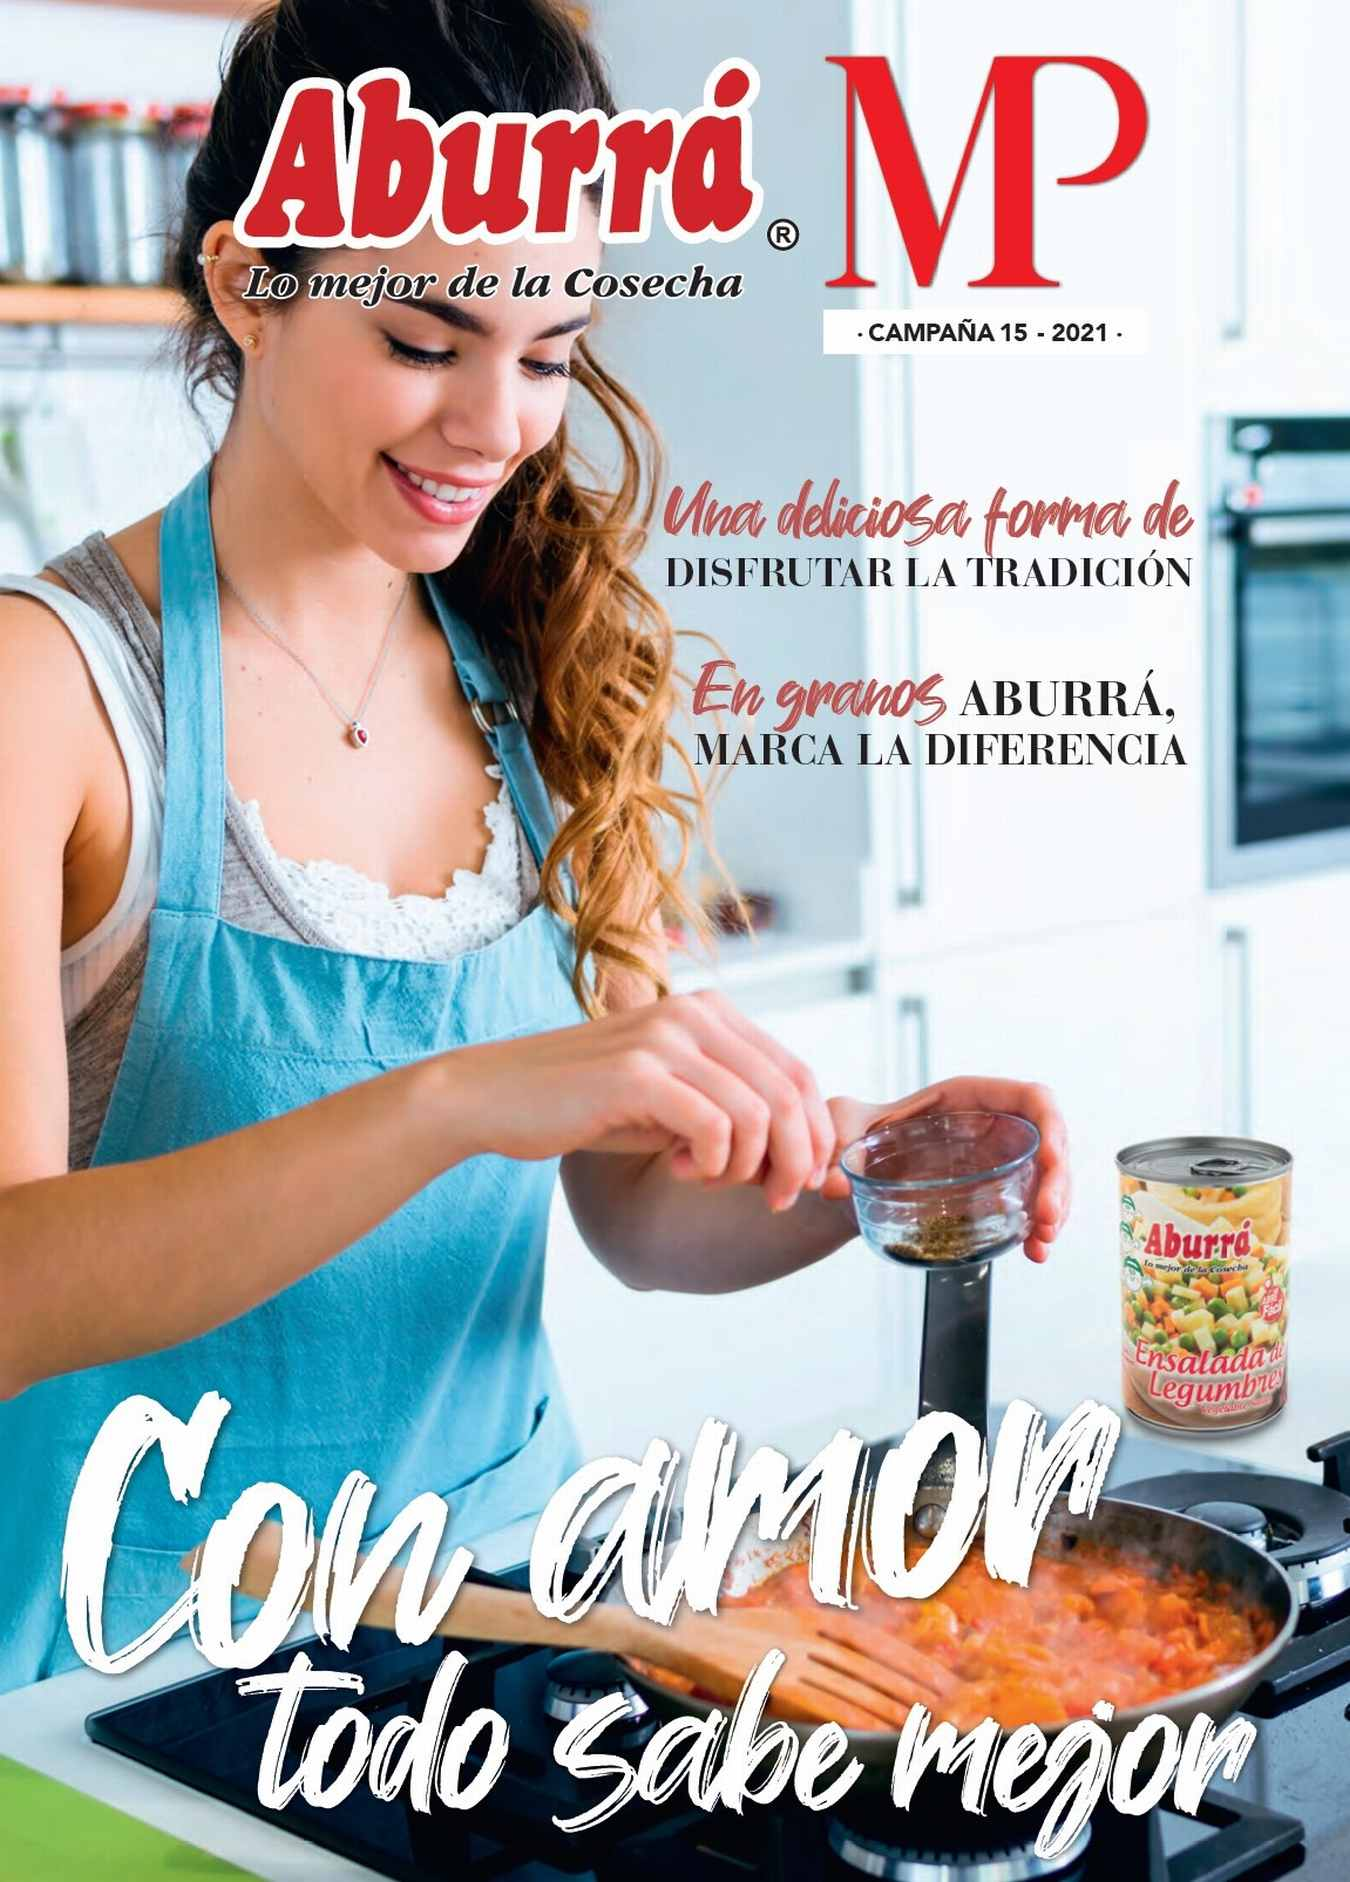 Catálogo Aburrá Campaña 15 2021 Colombia